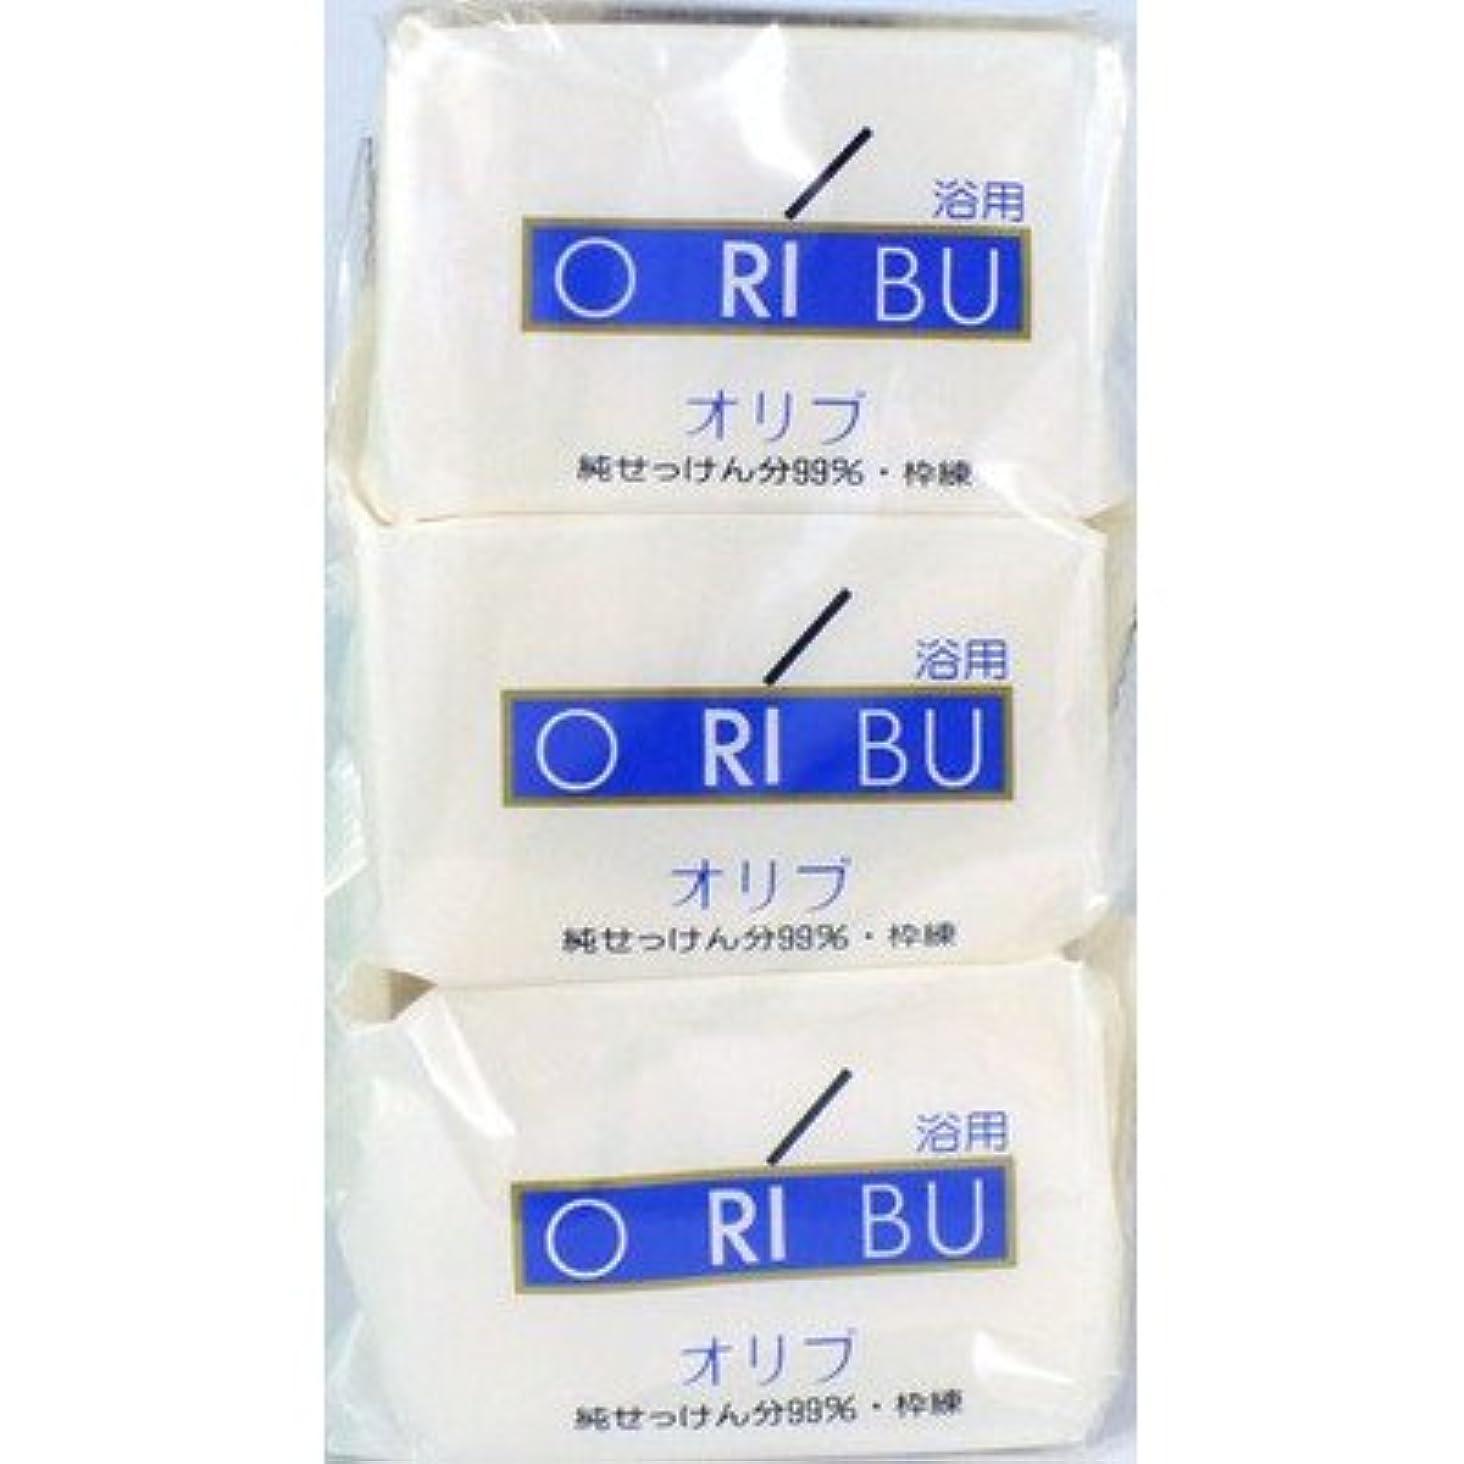 危険増加するブラスト暁石鹸 ORIBU オリブ 浴用石鹸 110g 3個入り